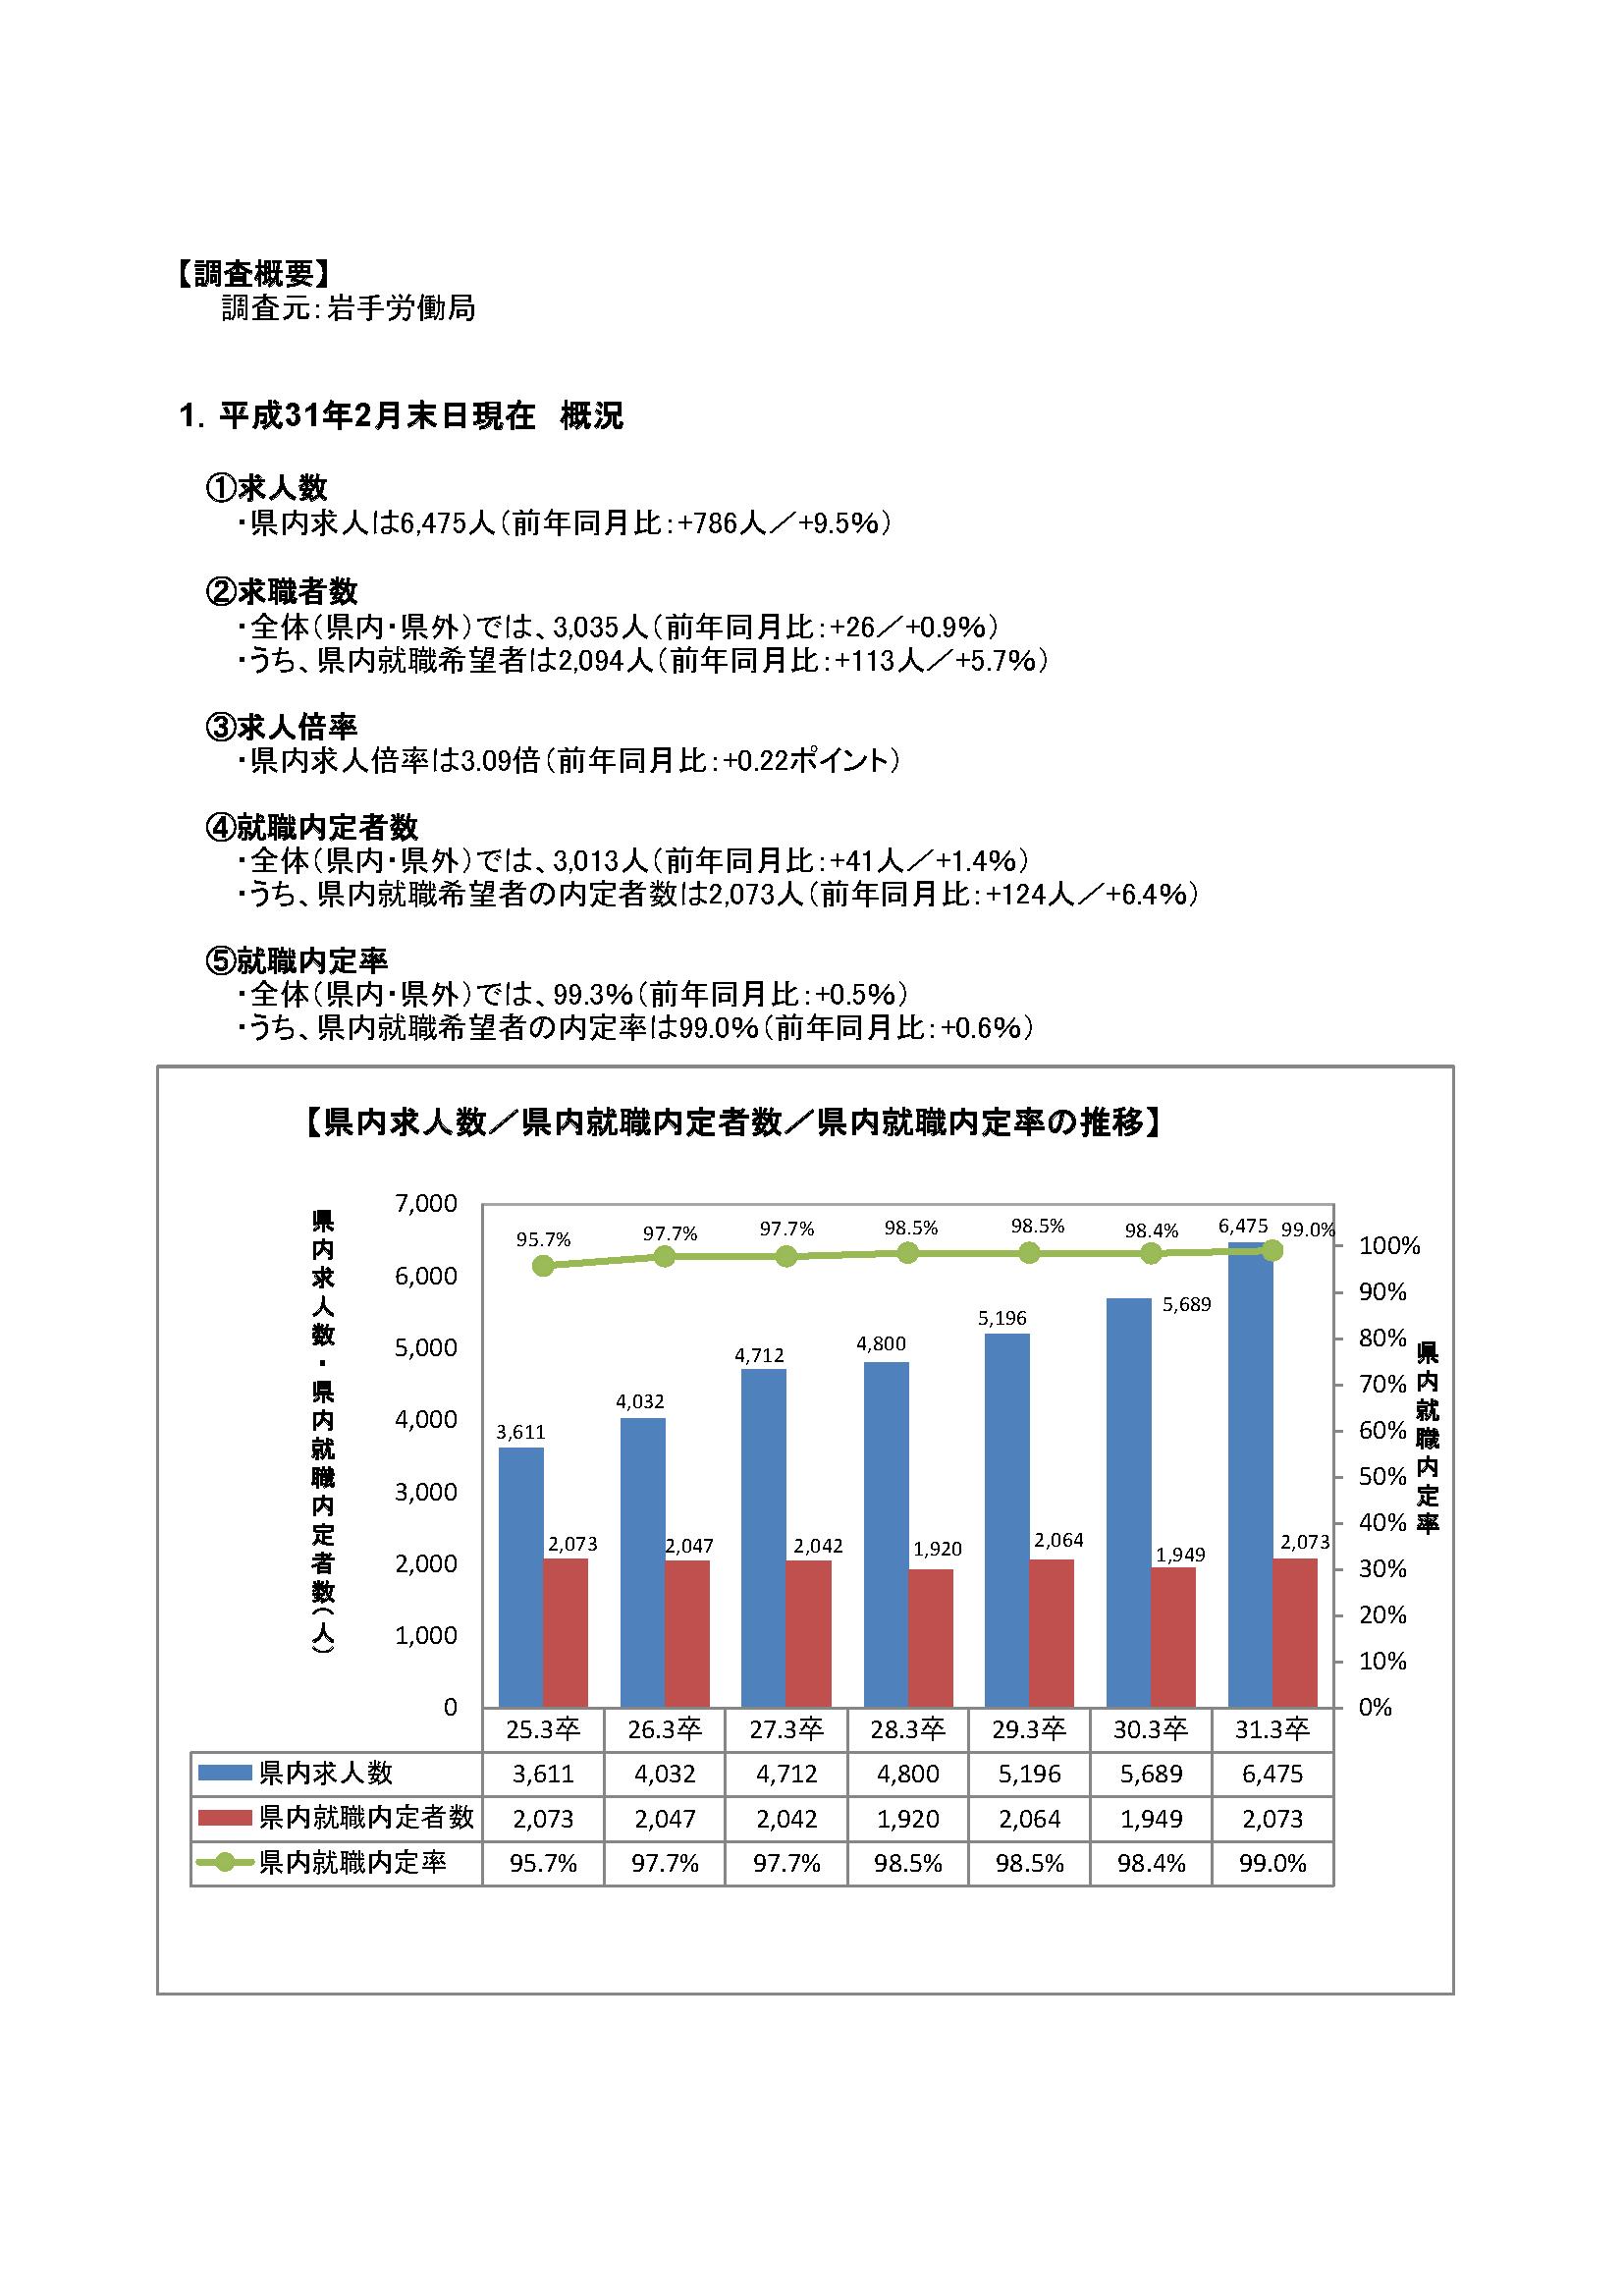 H31.3月高卒者職業紹介状況資料(201902月末現在)